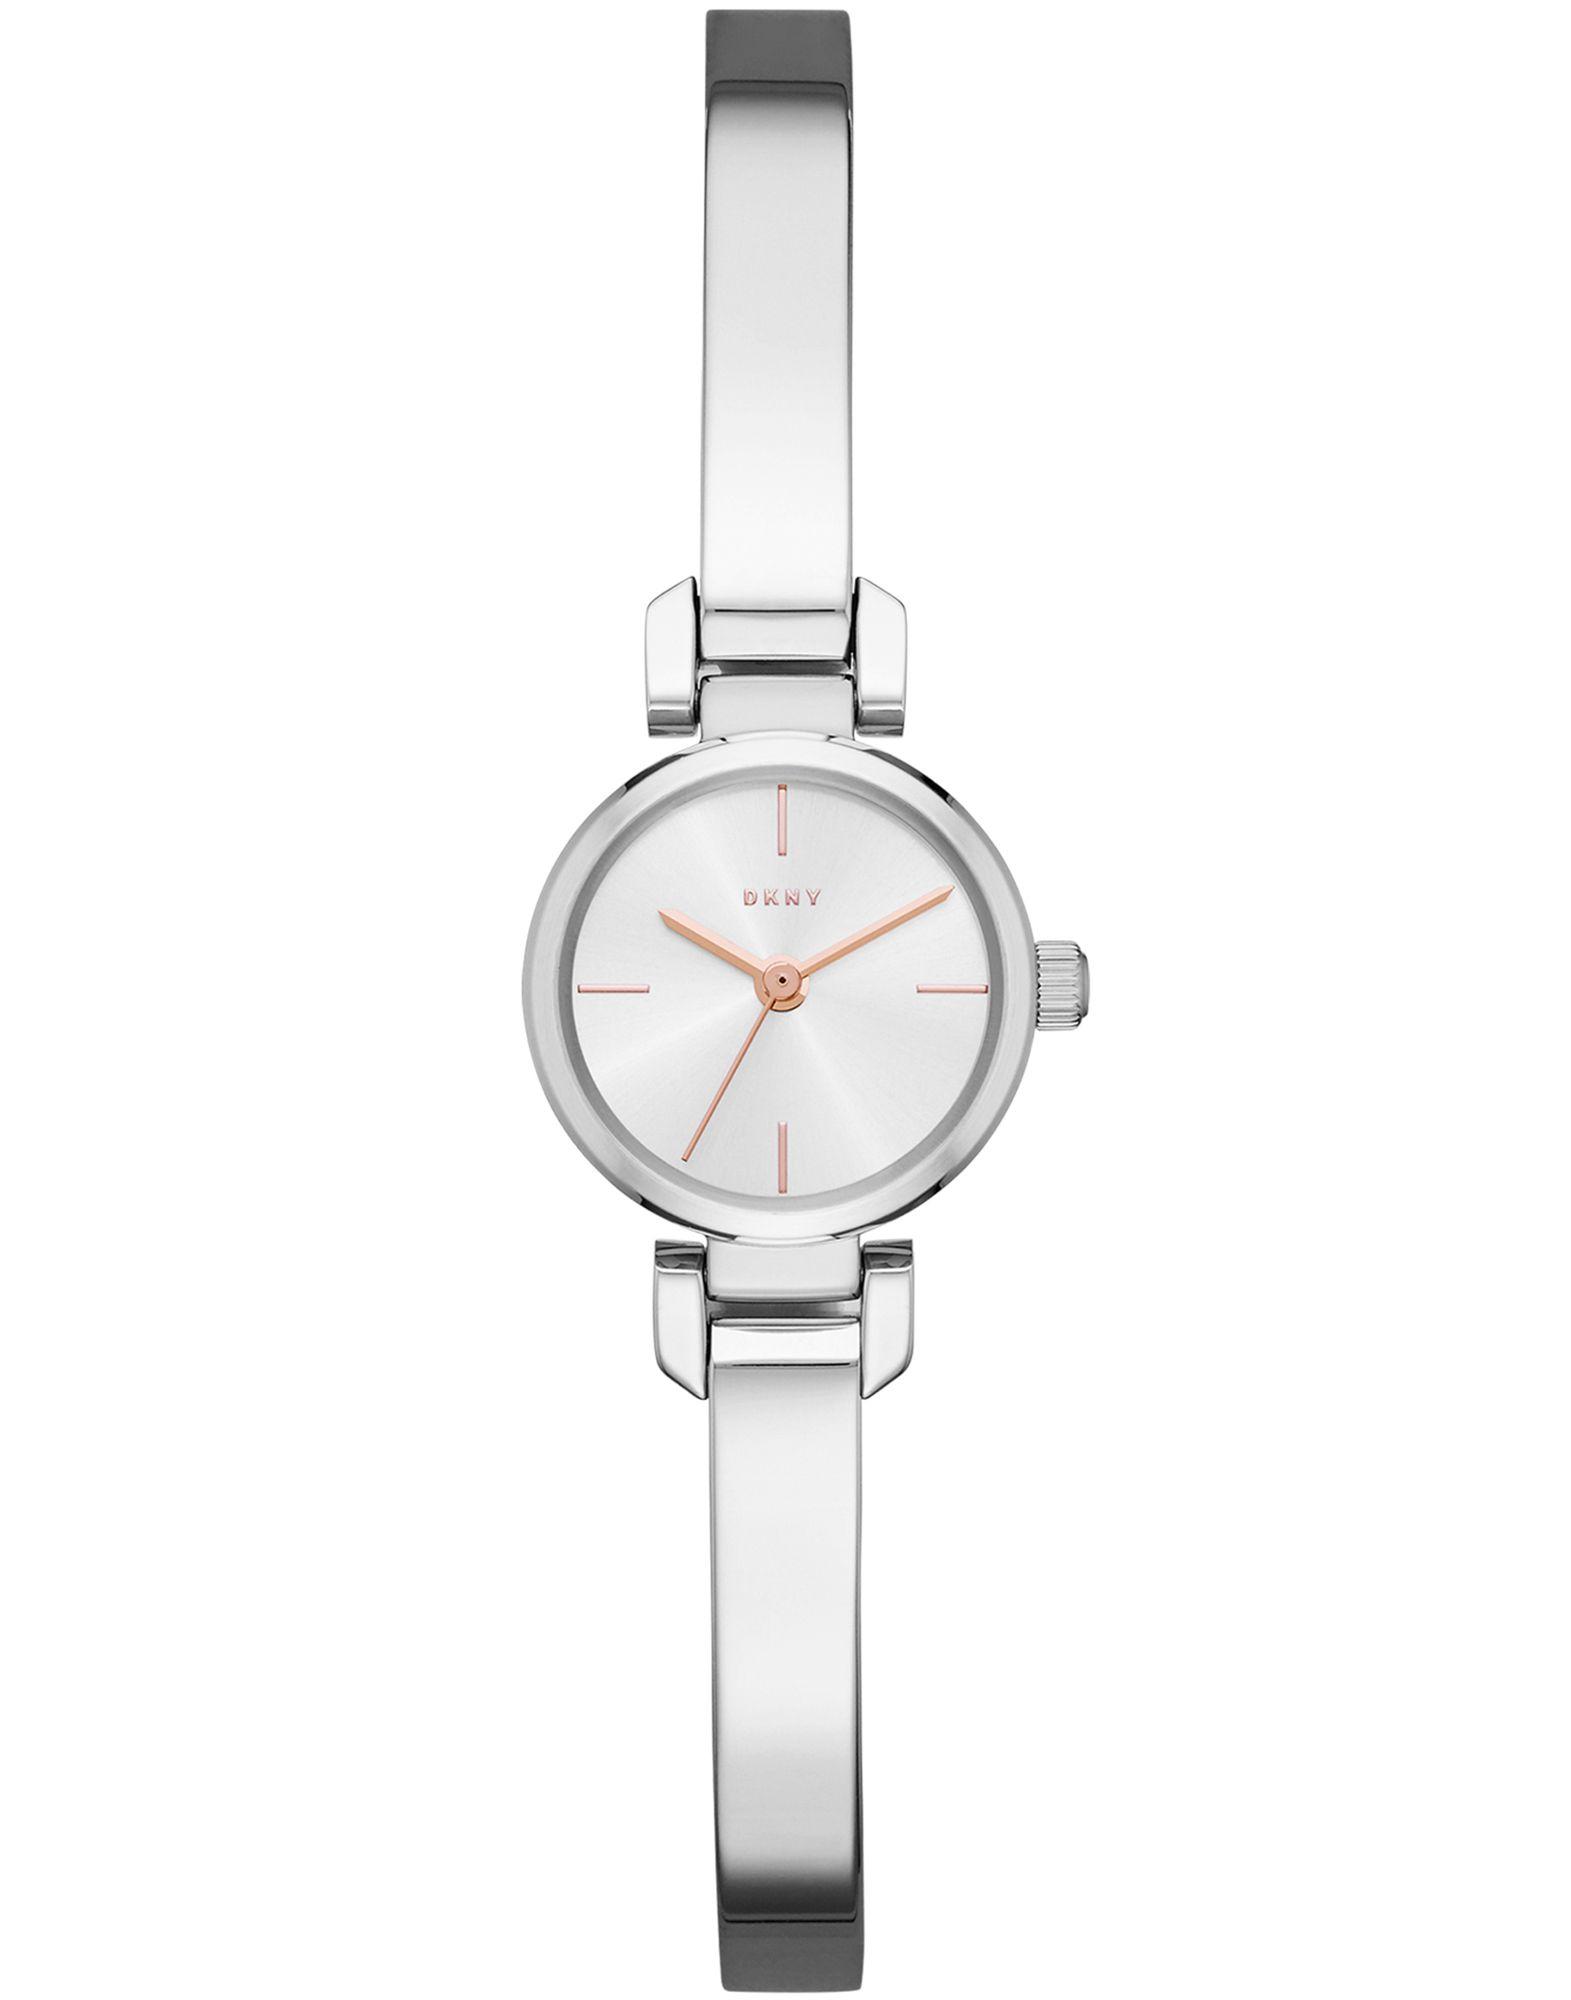 《送料無料》DKNY レディース 腕時計 シルバー ステンレススチール ELLINGTON